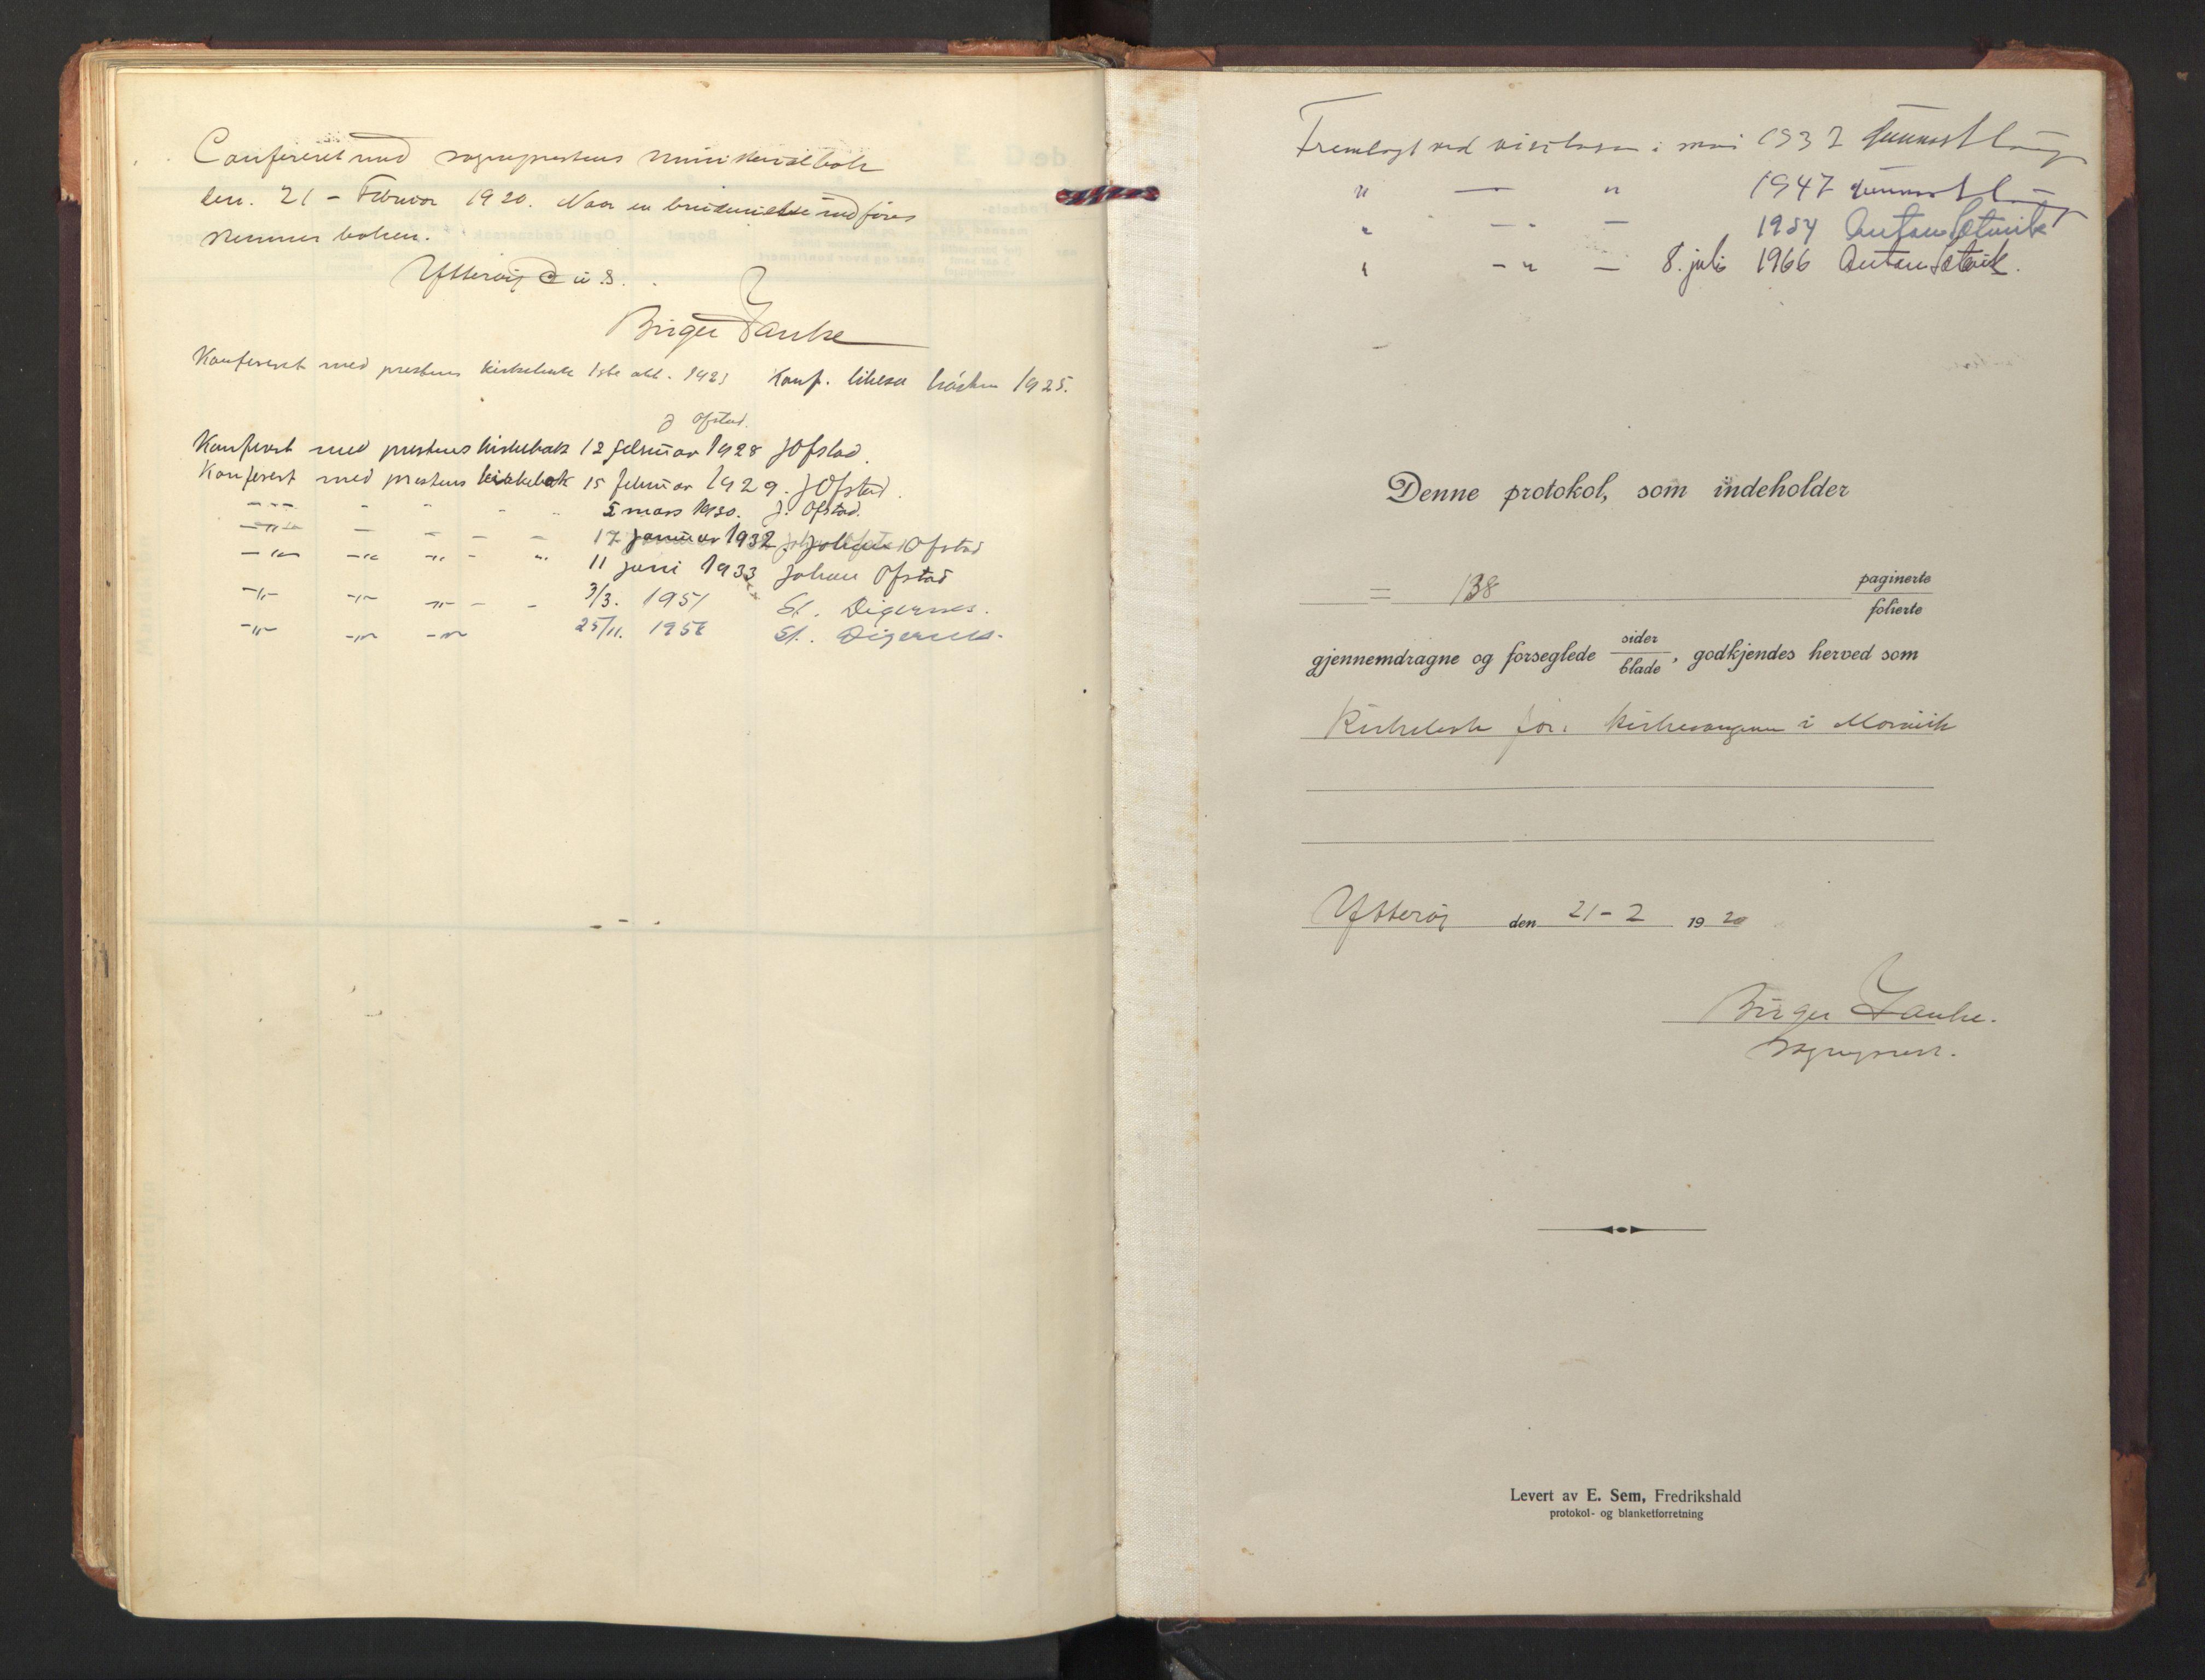 SAT, Ministerialprotokoller, klokkerbøker og fødselsregistre - Nord-Trøndelag, 733/L0328: Klokkerbok nr. 733C03, 1919-1966